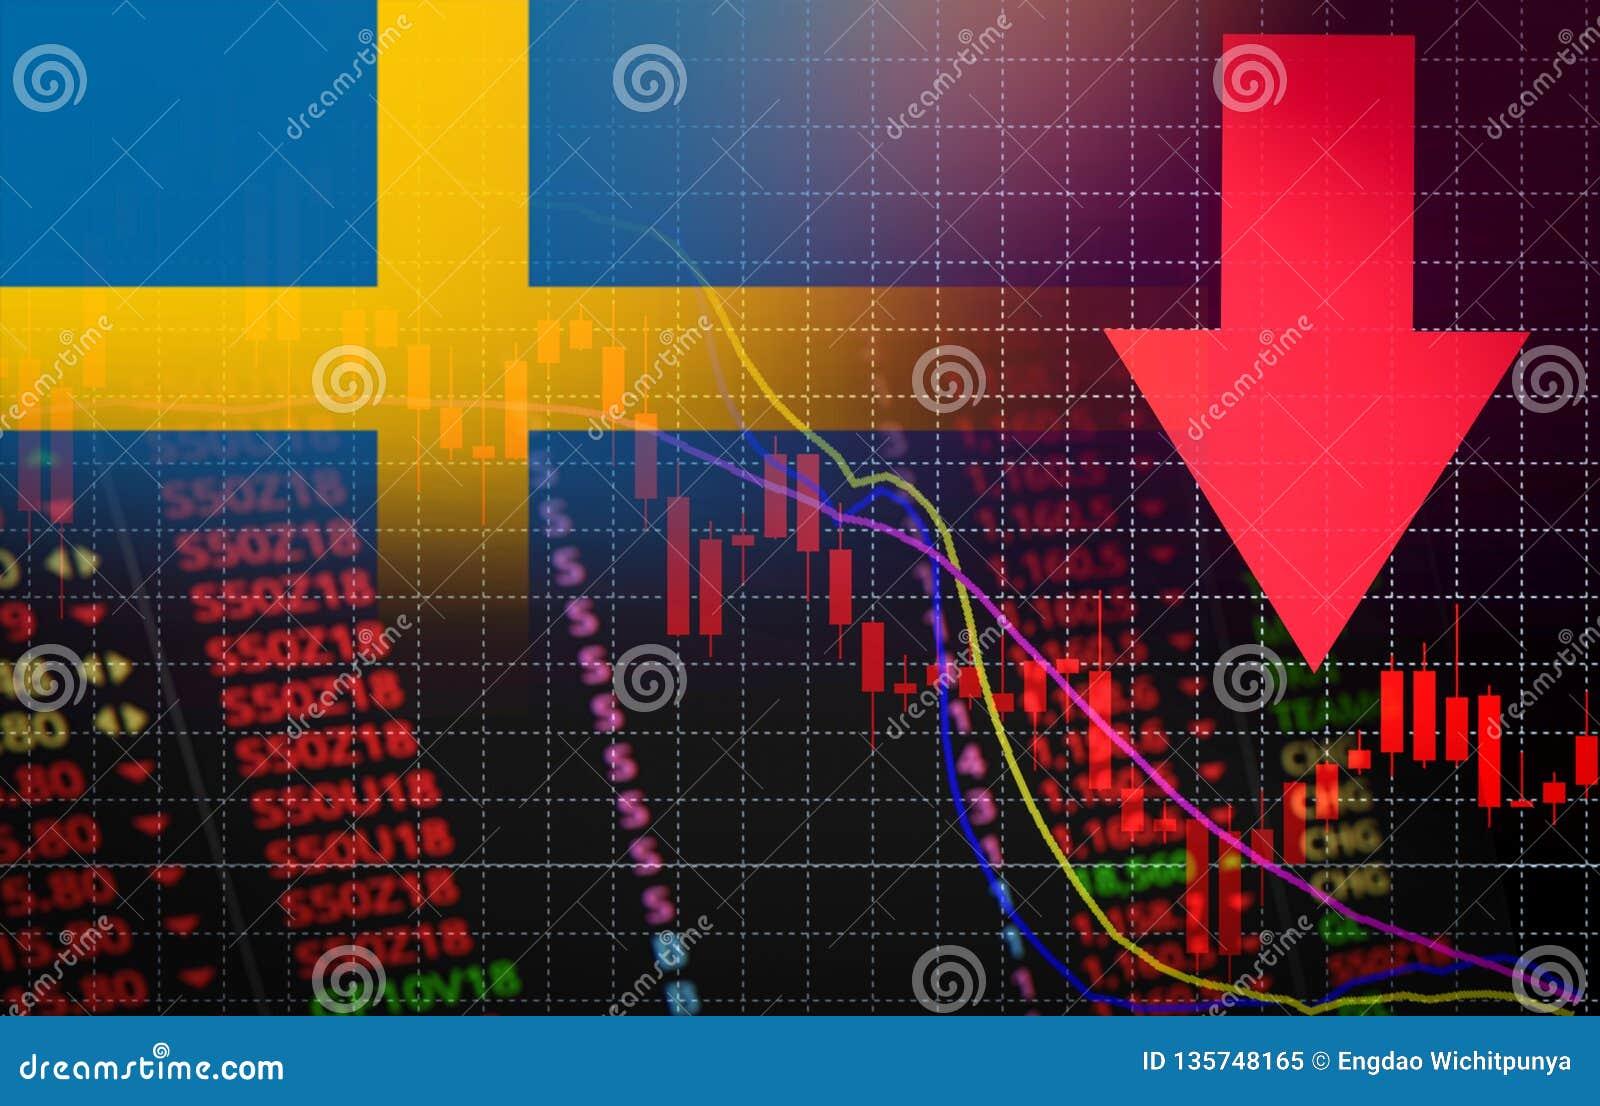 Рыночная цена кризиса валютного рынка фондовой биржи Швеции красная вниз с дела падения диаграммы и падение продаж кризиса денег